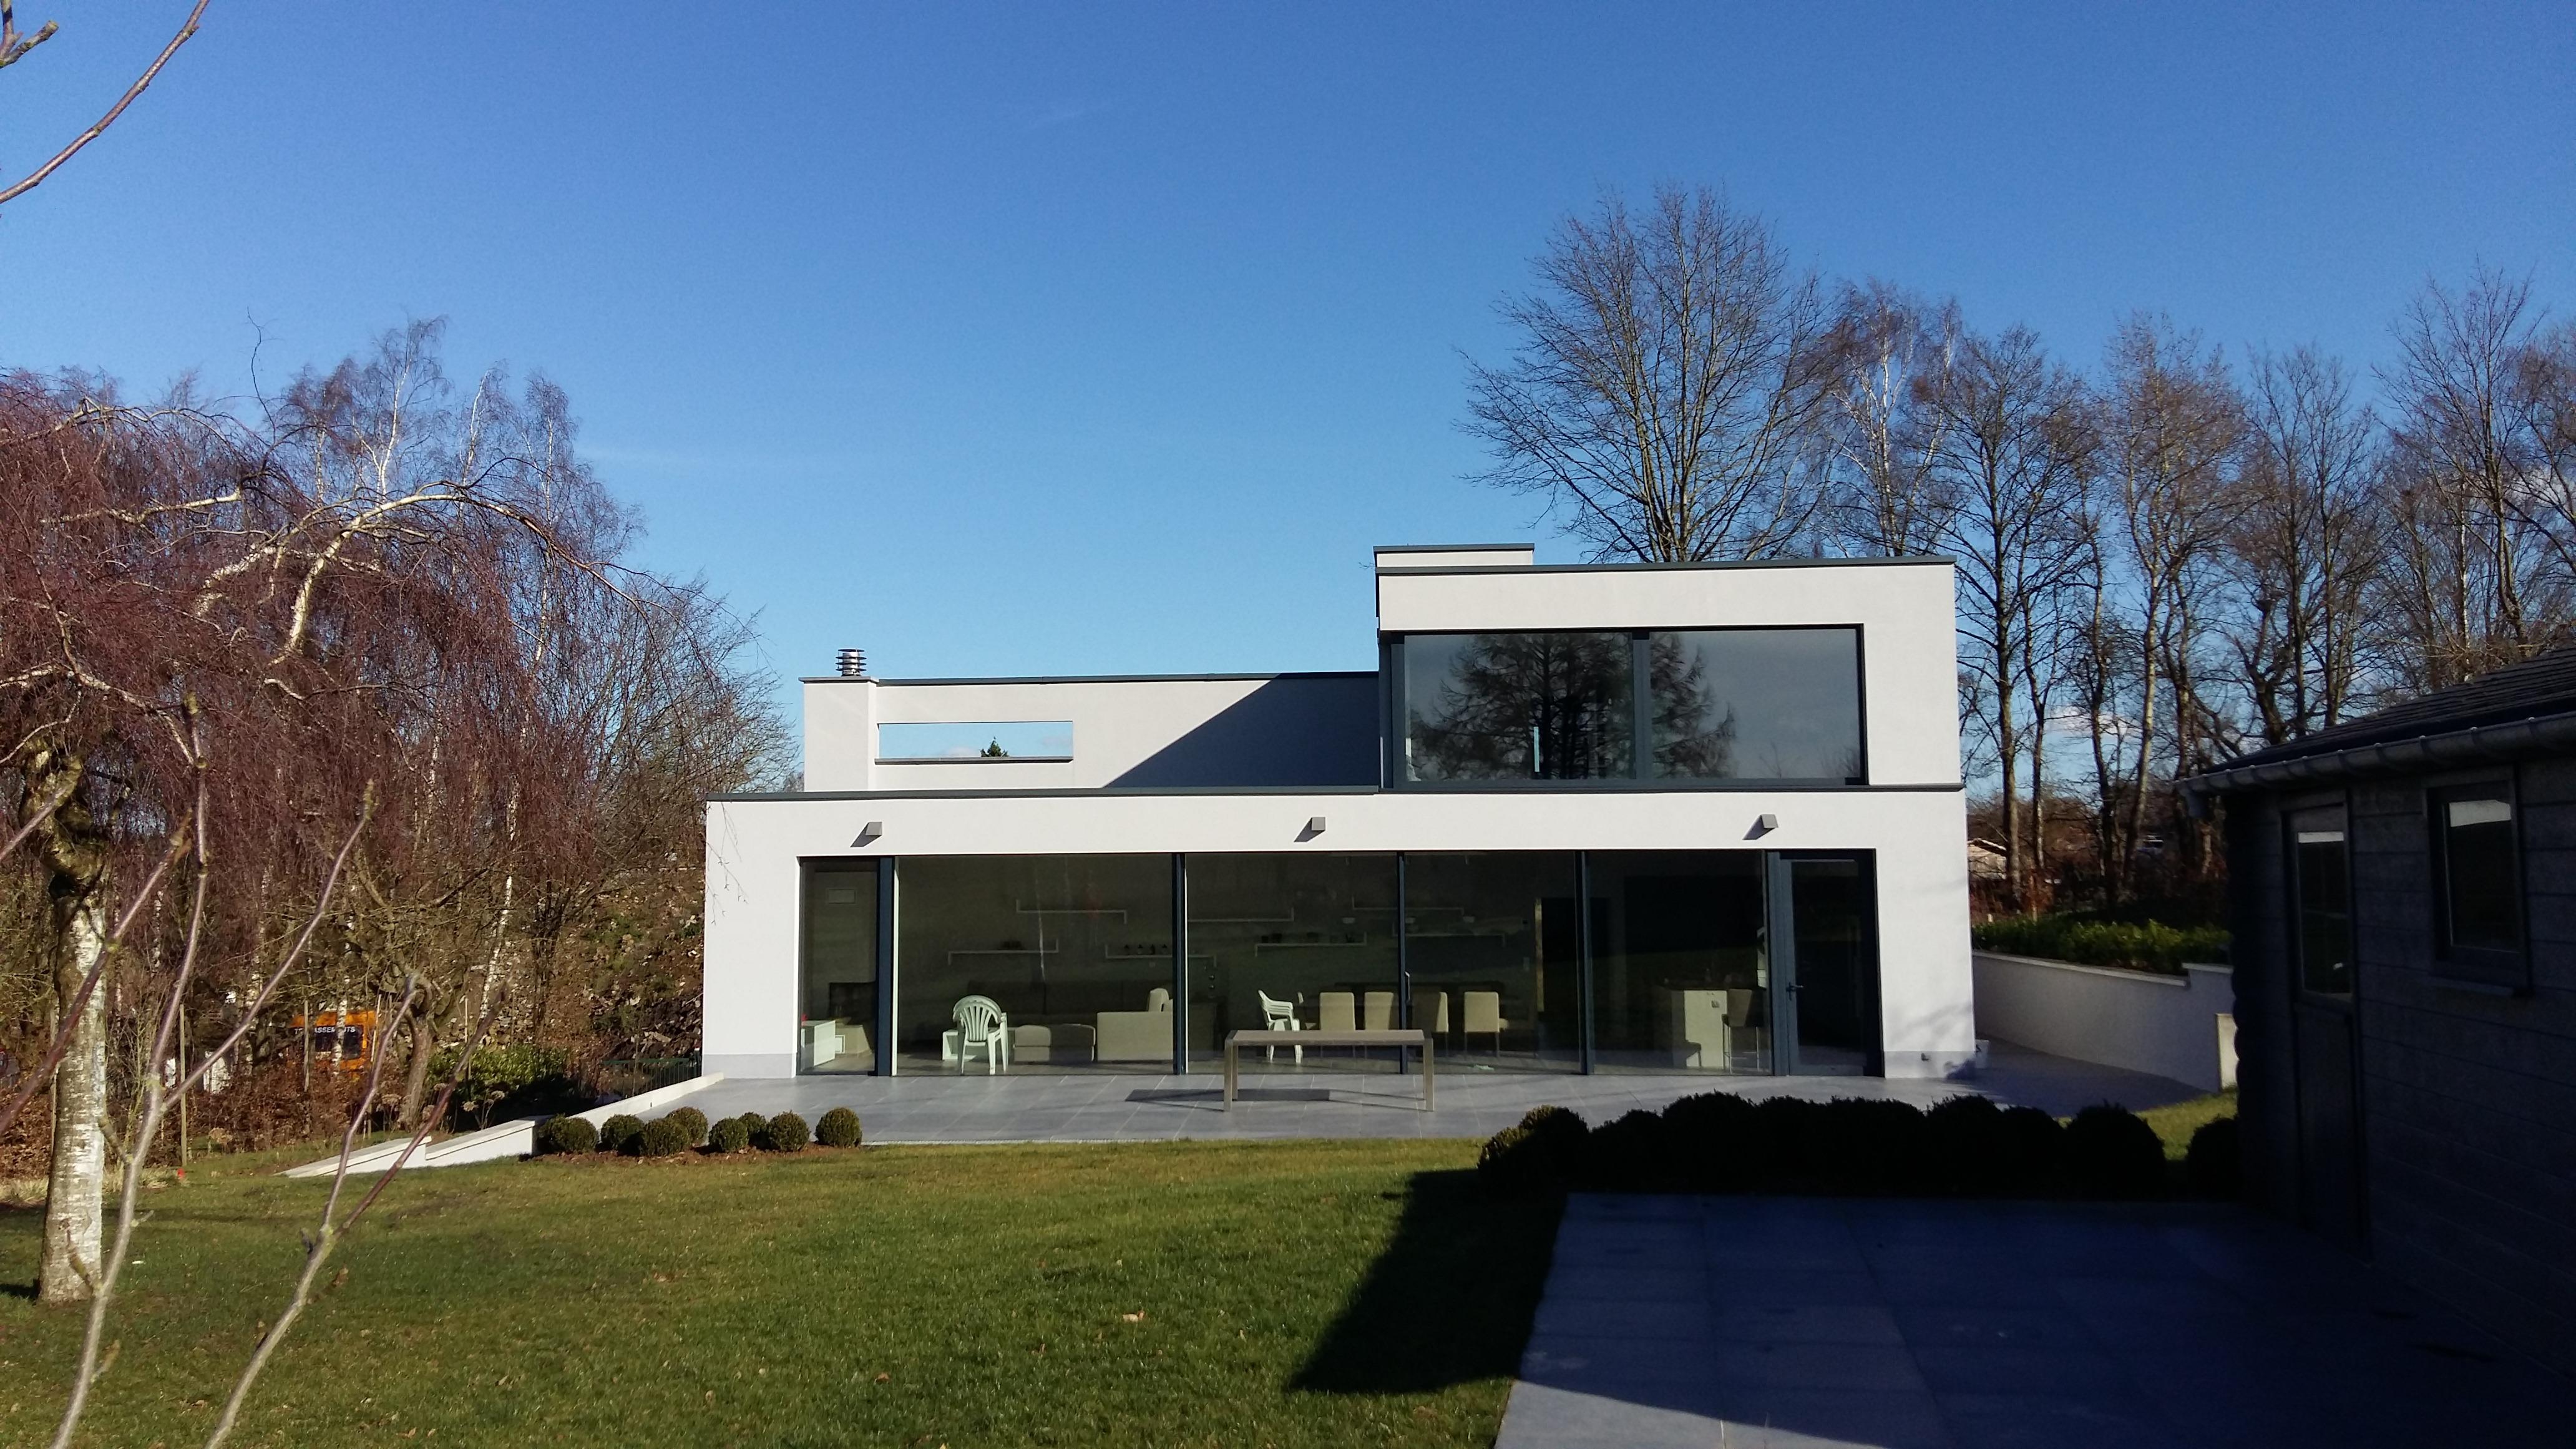 Villa contemporaine à genappe brabant wallon belgique